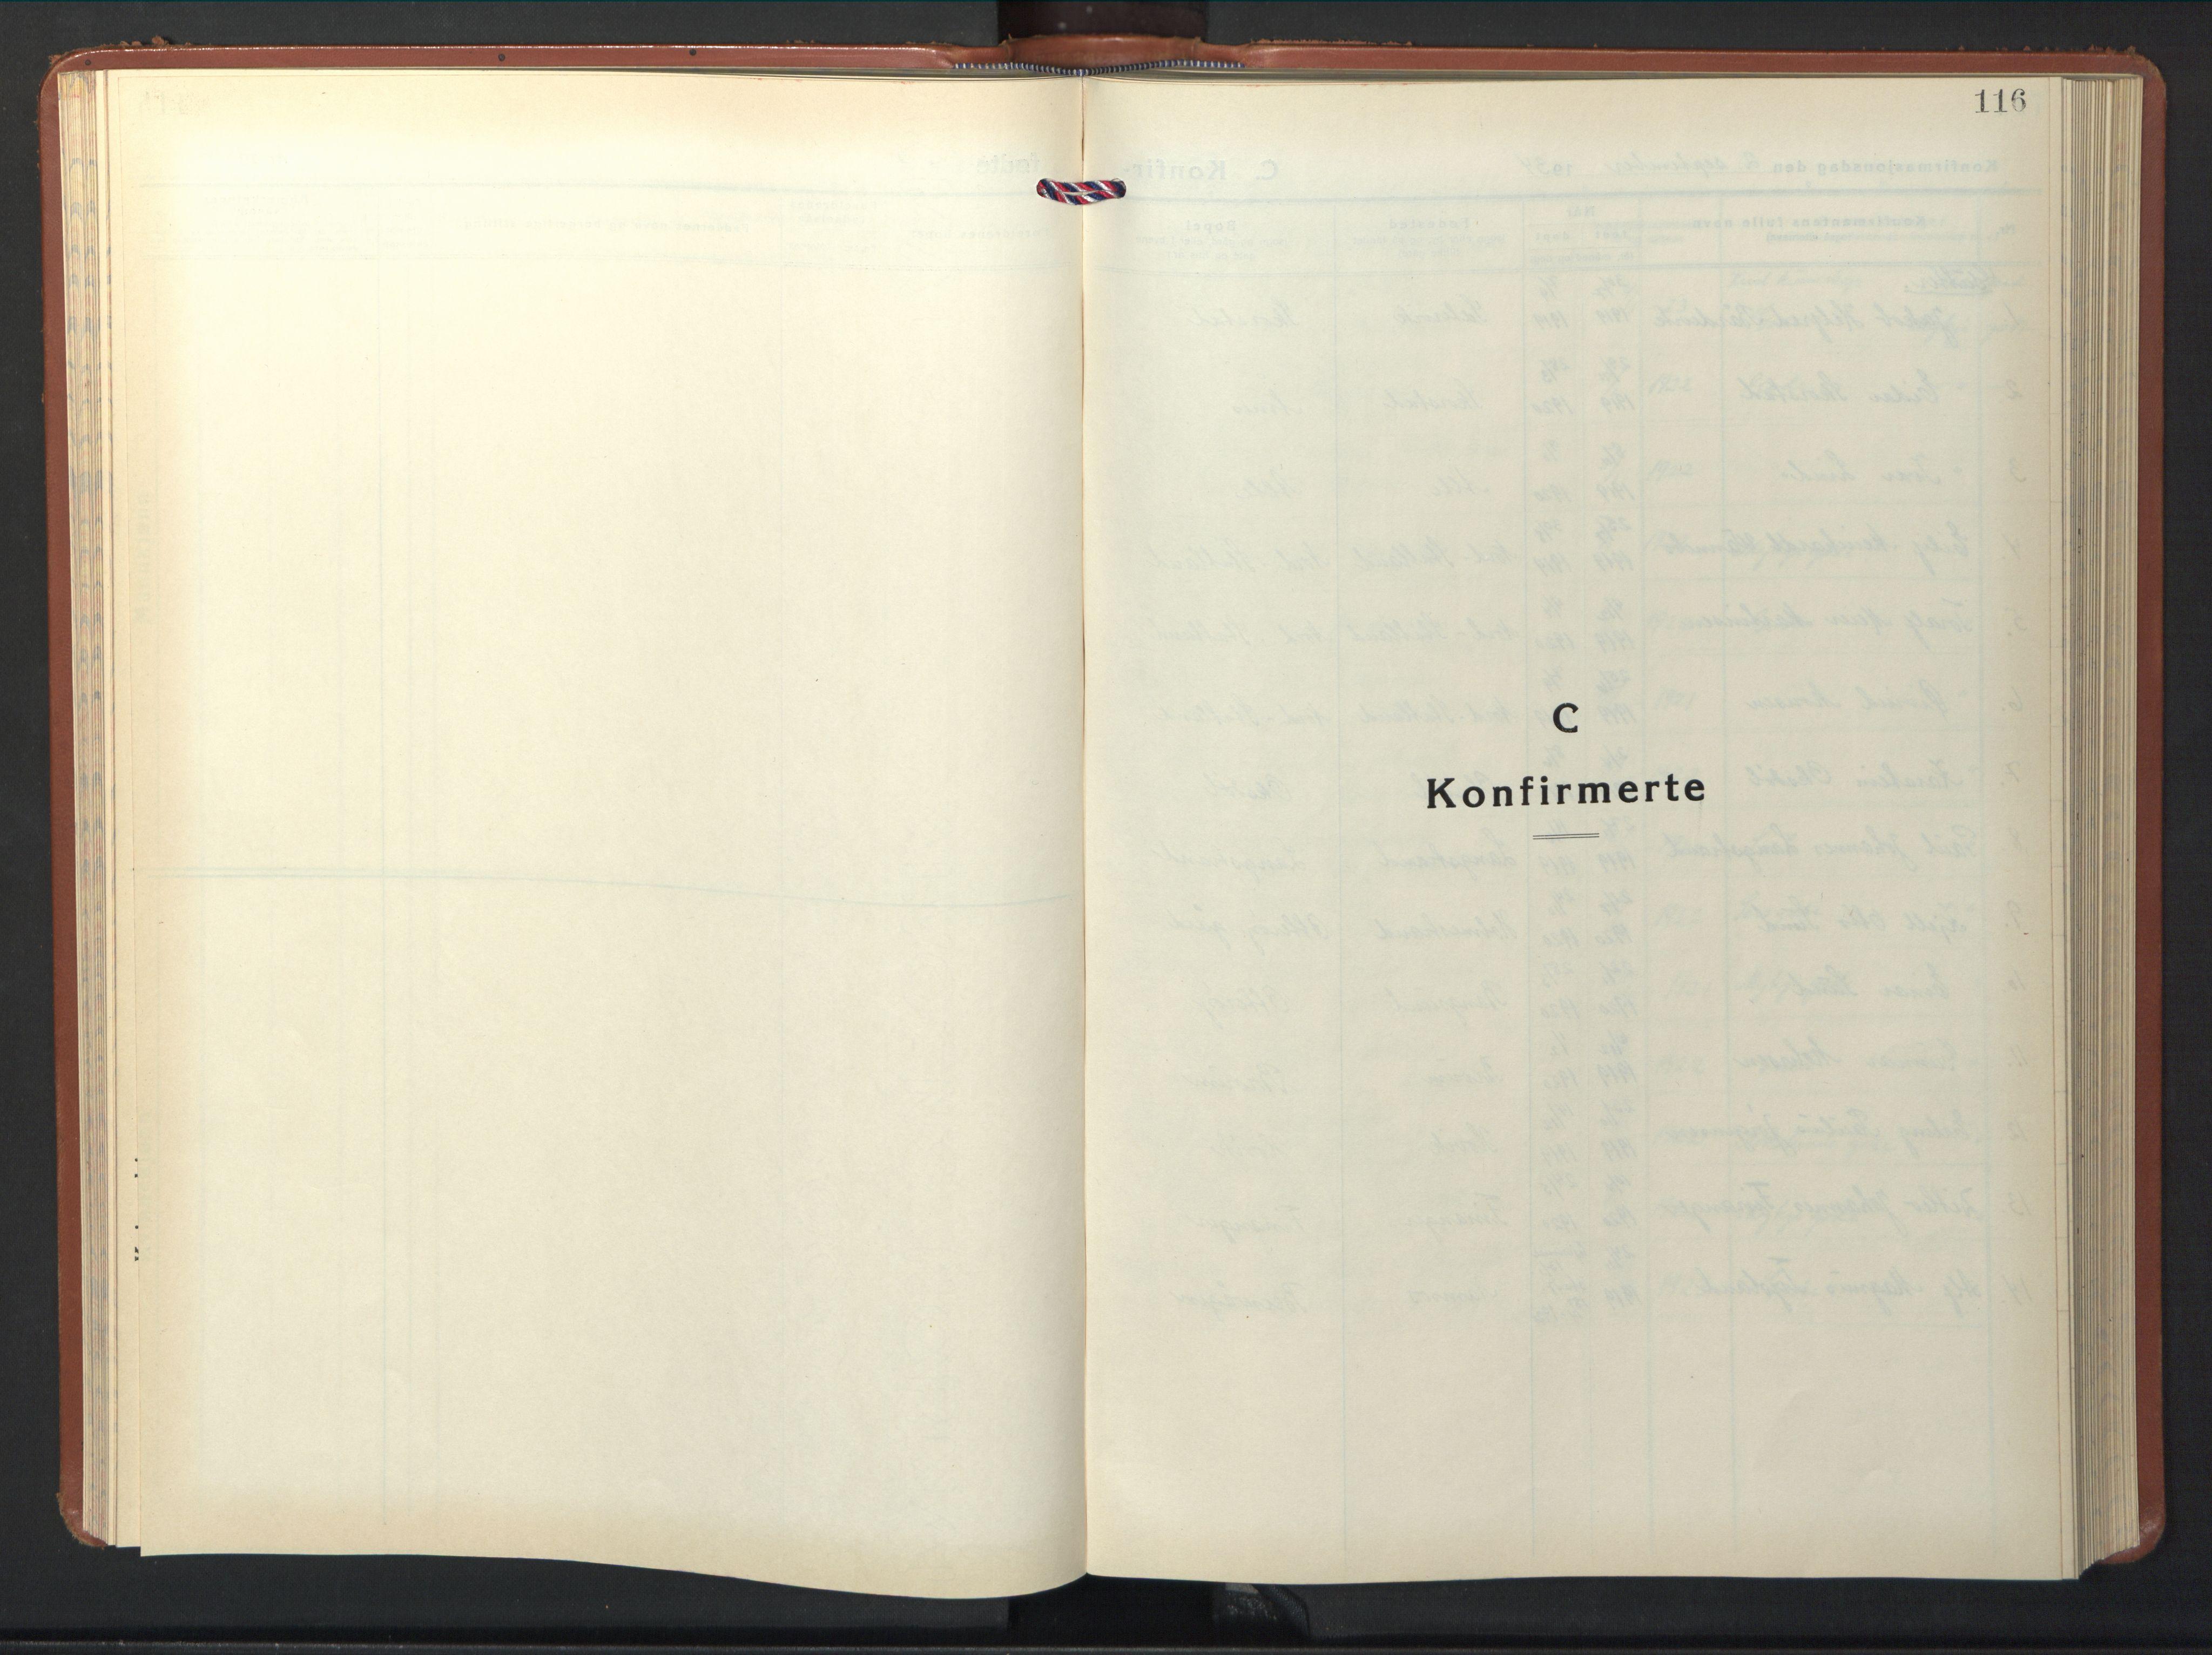 SAT, Ministerialprotokoller, klokkerbøker og fødselsregistre - Nord-Trøndelag, 774/L0631: Klokkerbok nr. 774C02, 1934-1950, s. 116